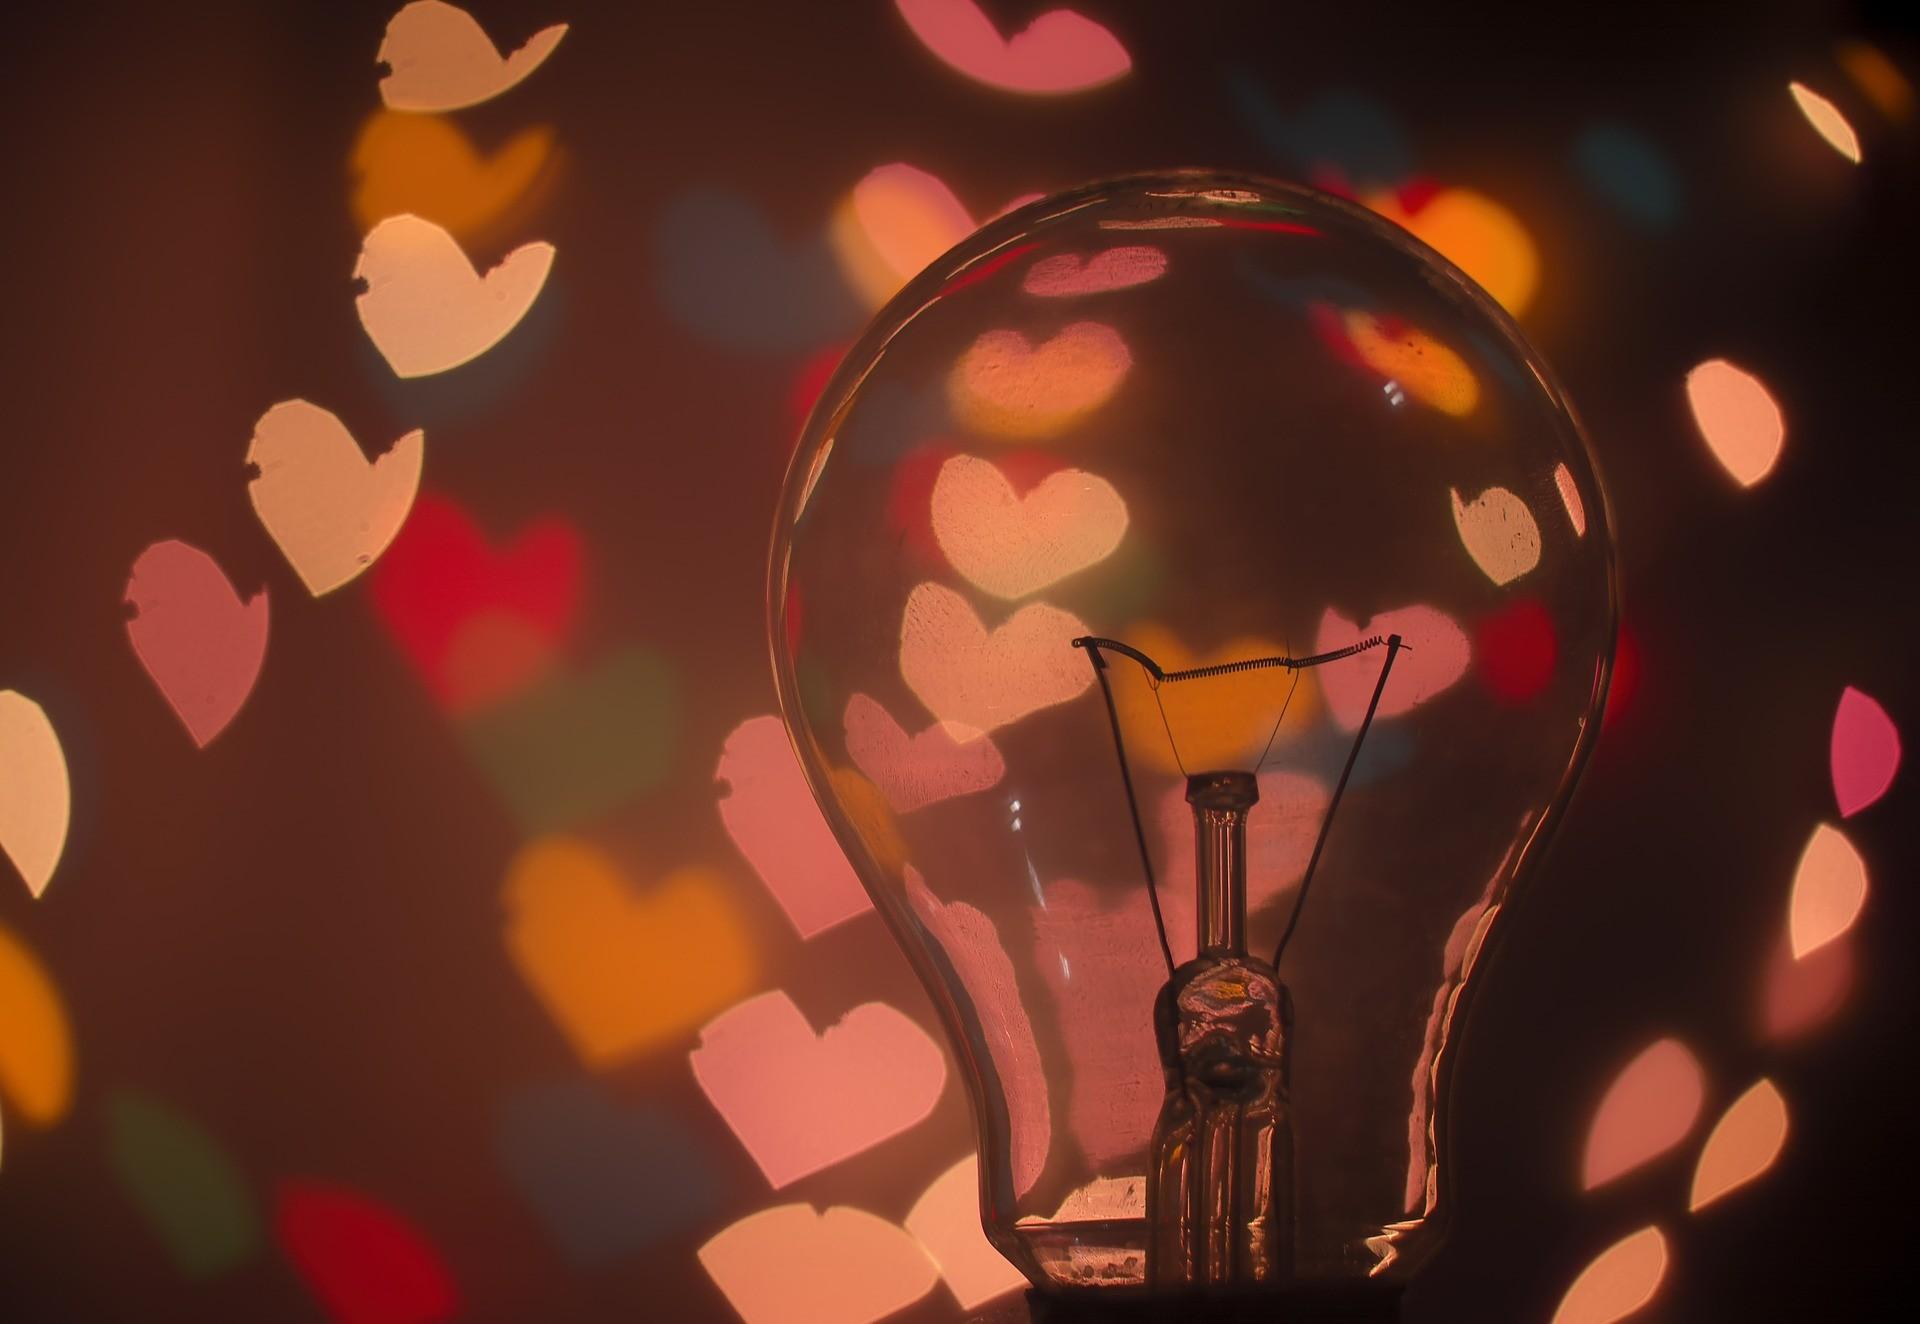 лампа лампочка светильник энергетика